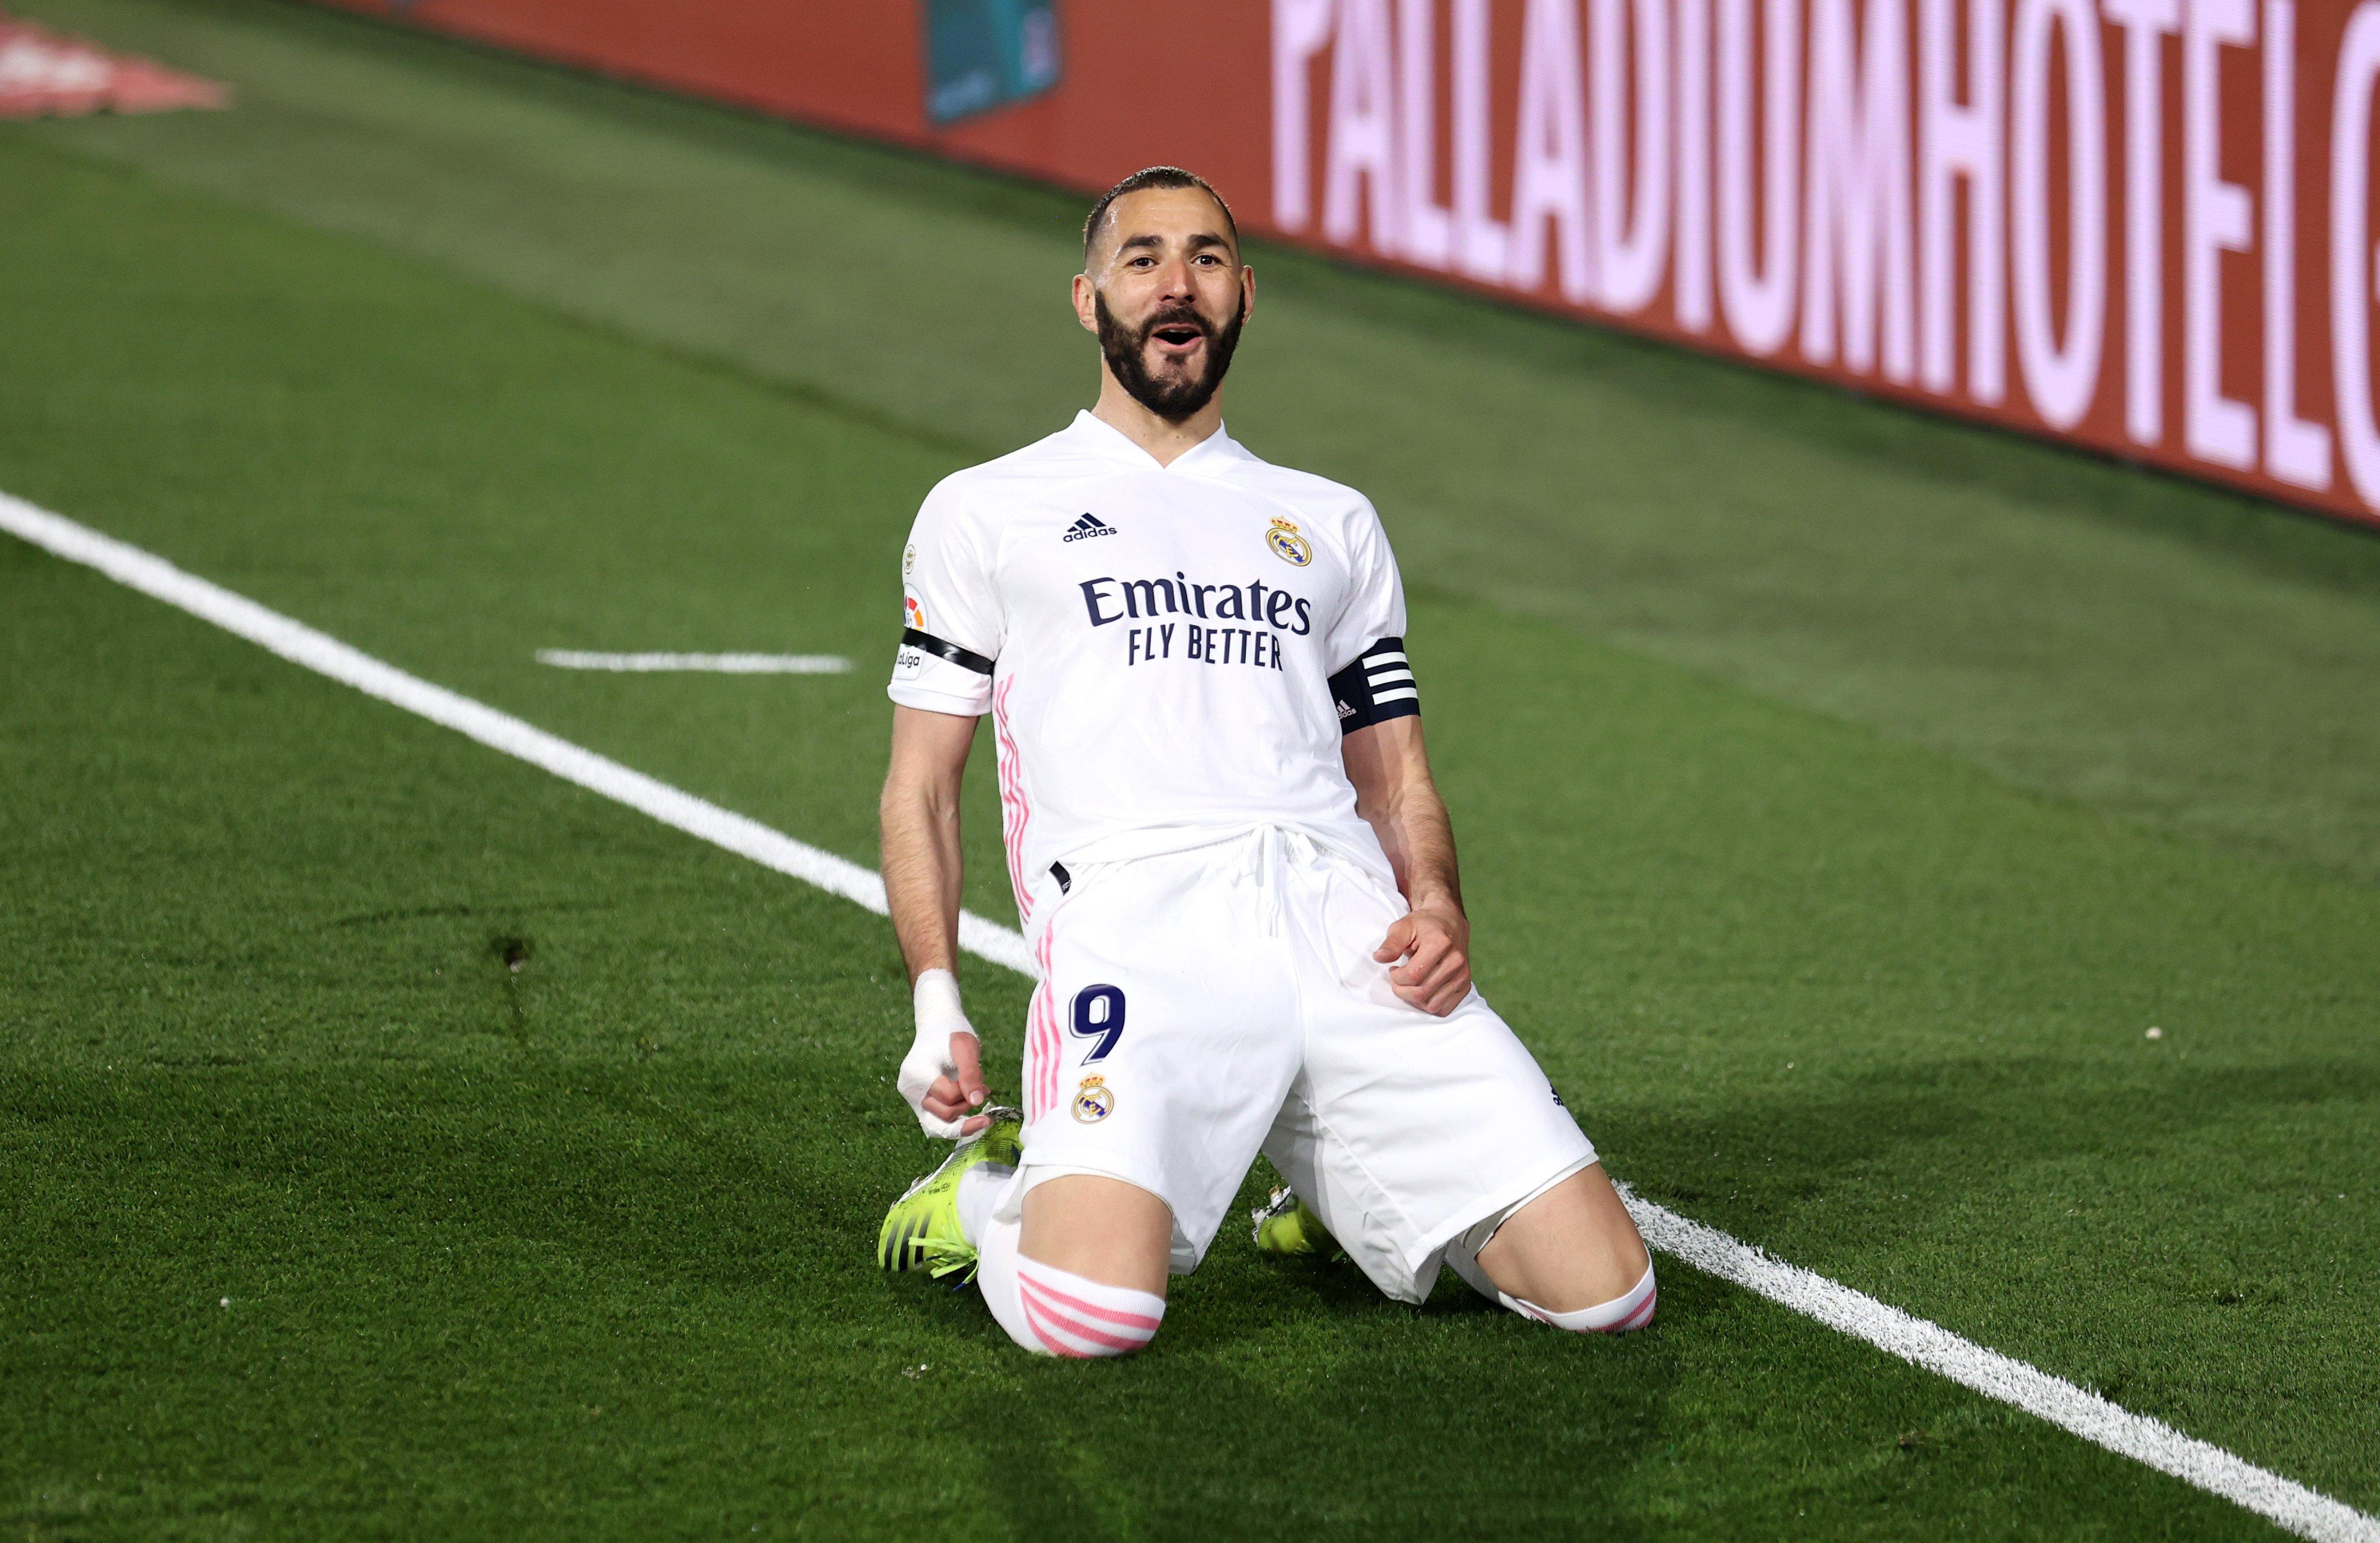 Así se jugarán los partidos de vuelta de la Champions League. Foto: Twiiter UEFA Champions League